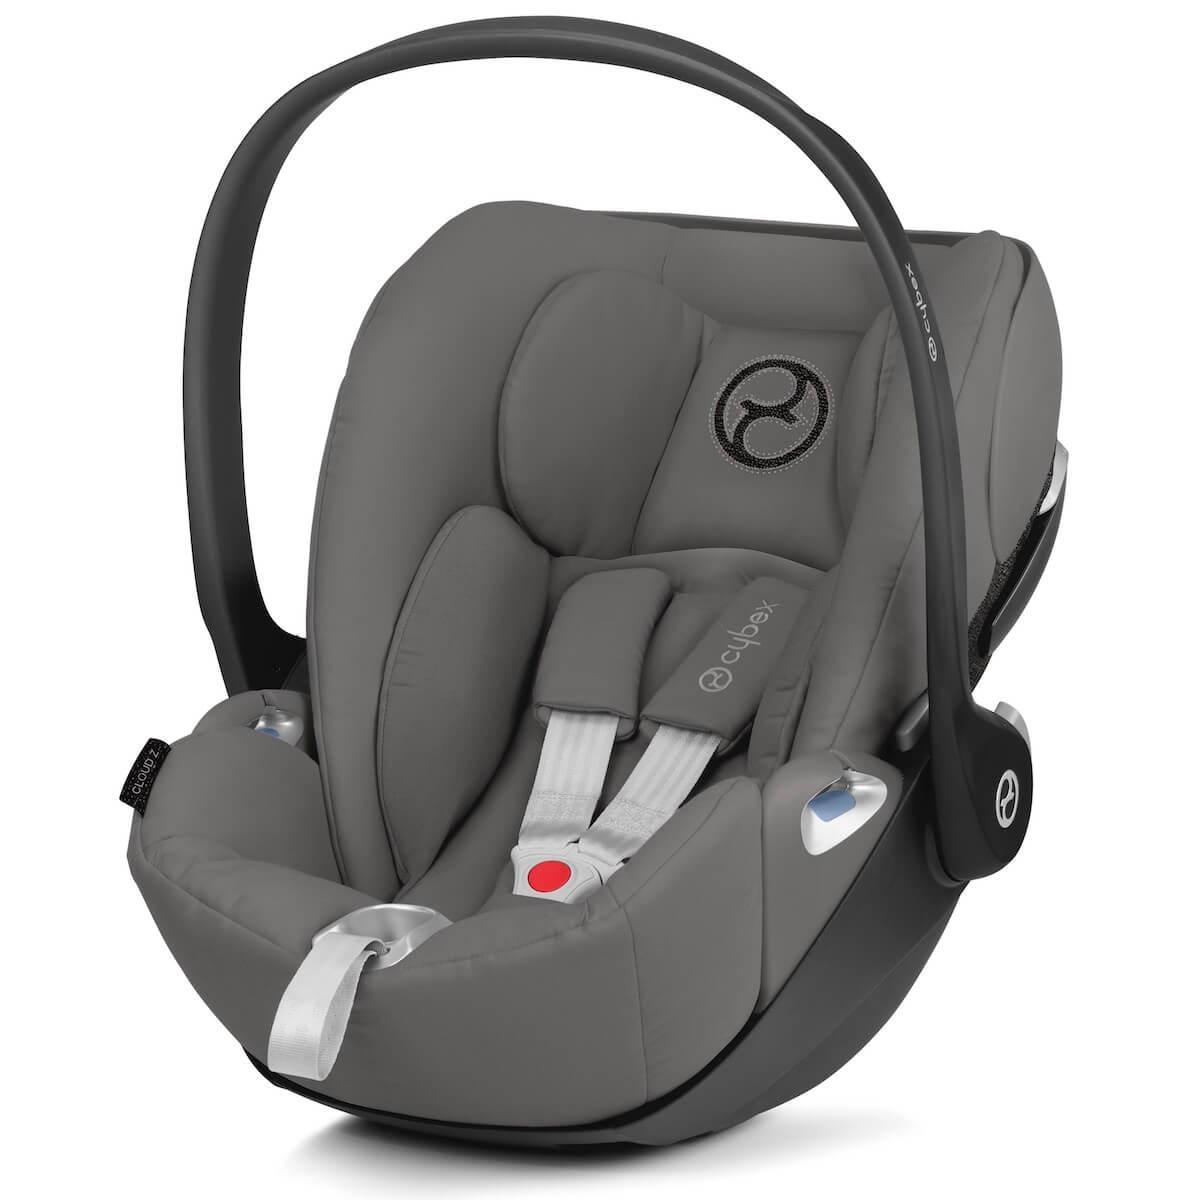 Silla auto 0+ CLOUD Z I-SIZE Cybex Soho grey-mid grey